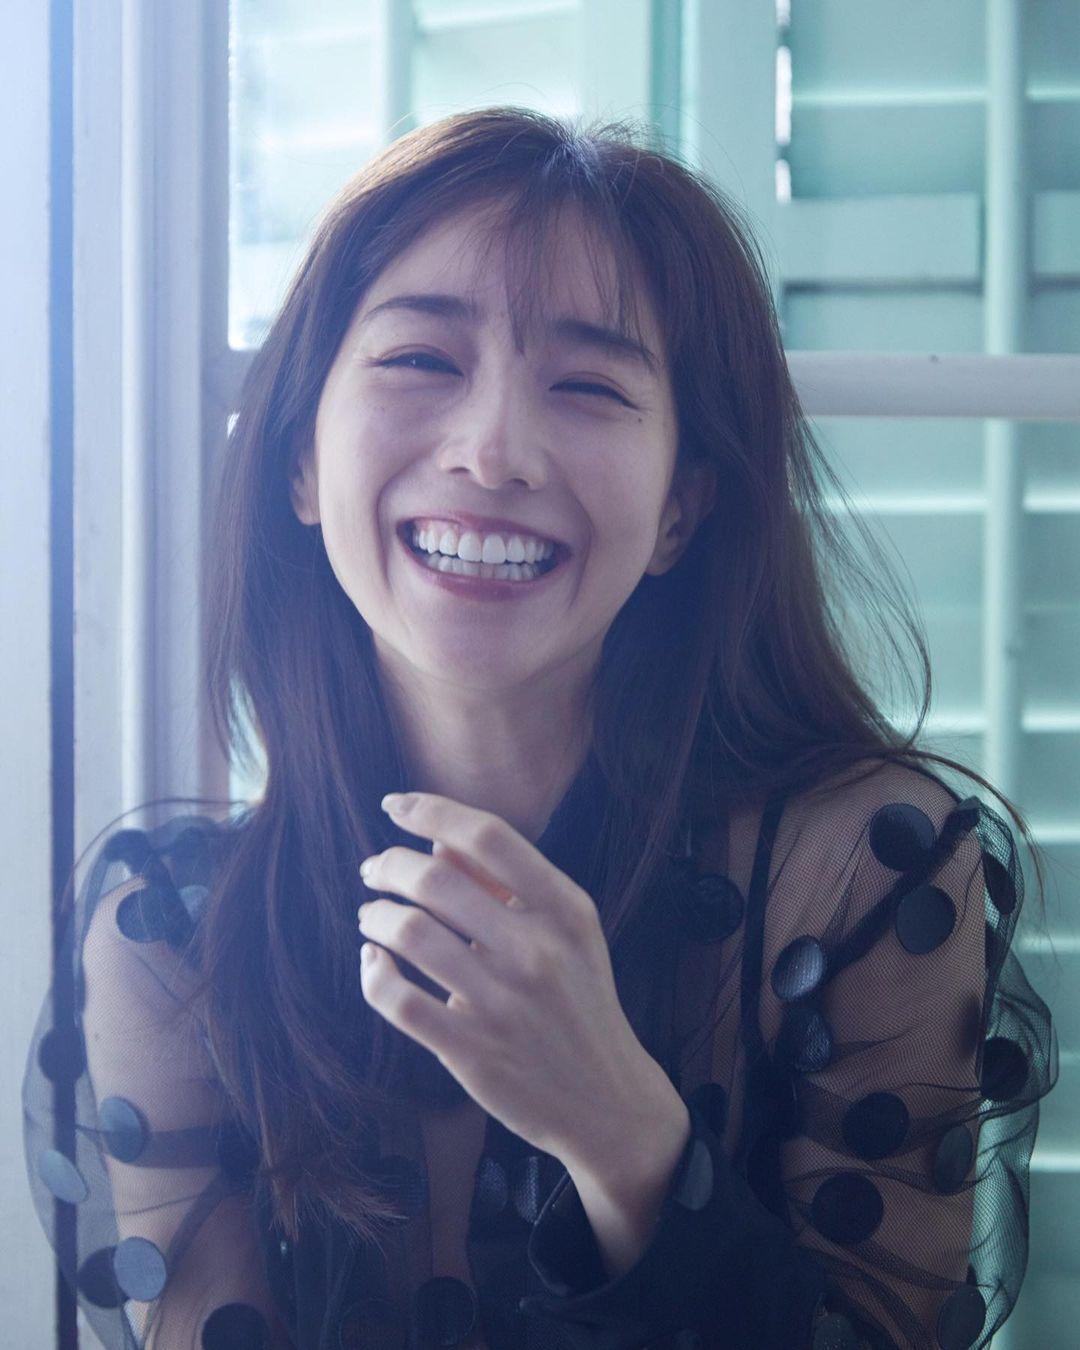 Ở tuổi 33, Minami chú trọng chuyện ăn uống, tập luyện để giữ gìn nhan sắc.